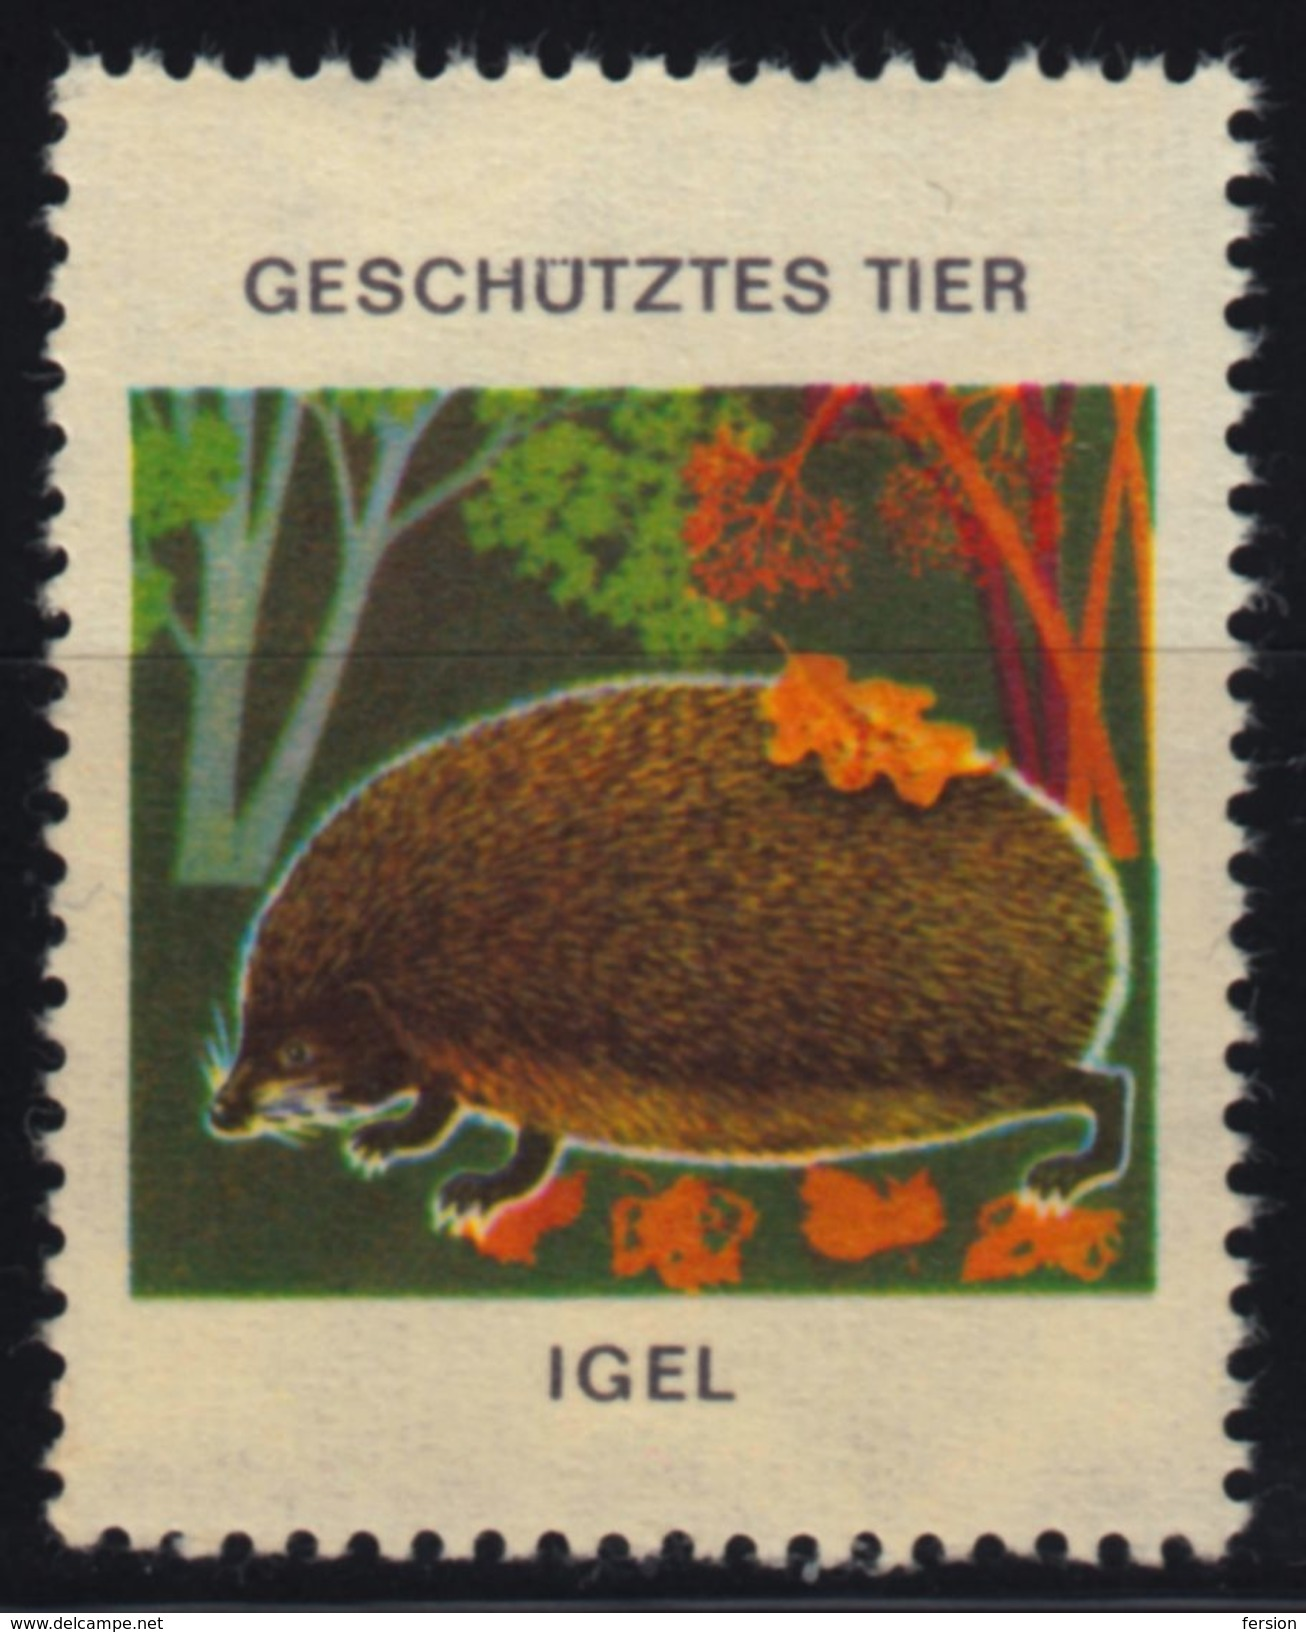 Hedgehog / Protected Animals / Label Cinderella Vignette - GERMANY - MNH - Stamps